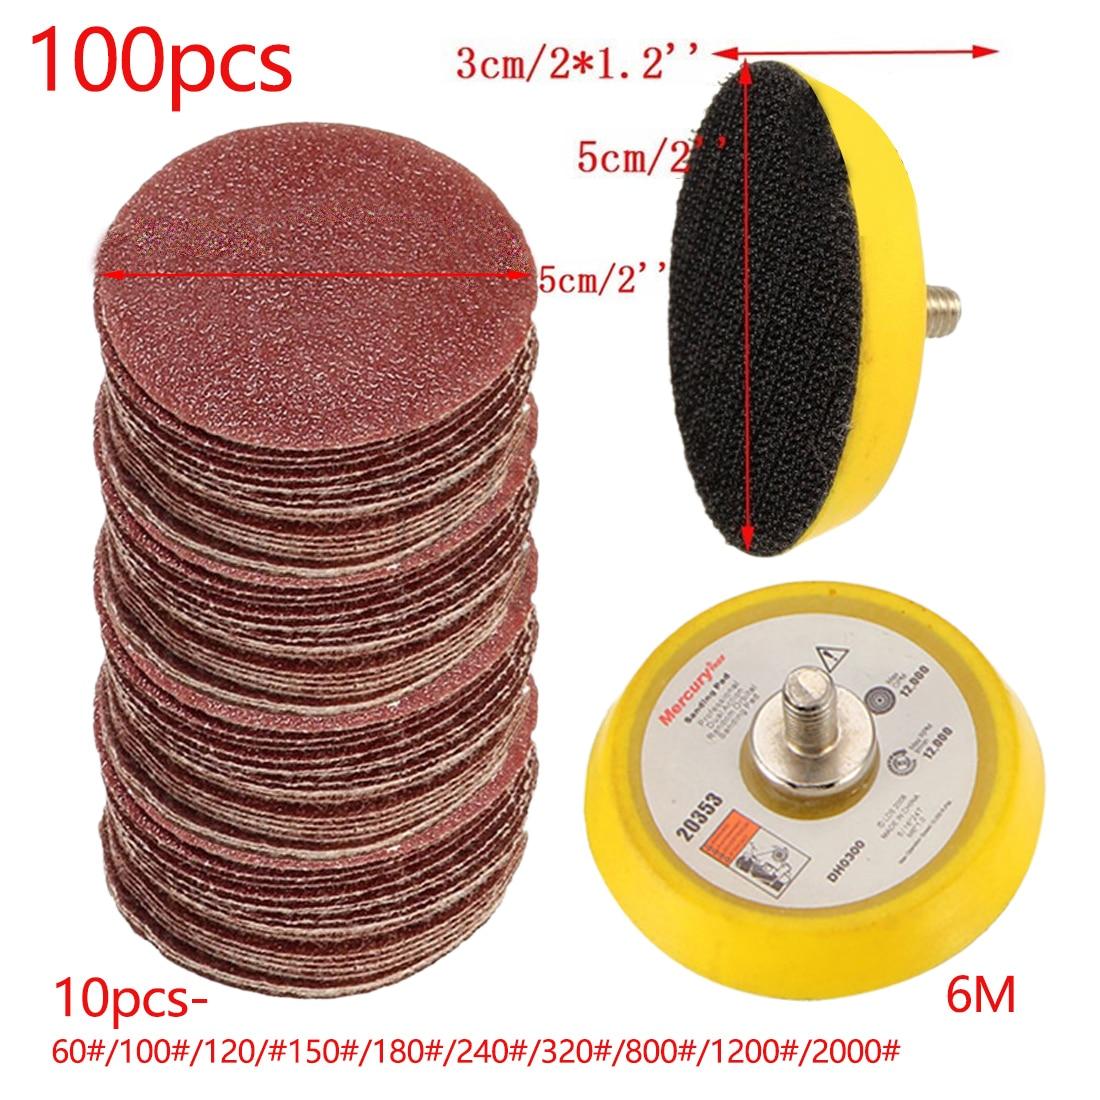 100PCS Sanding Pad Polishing Sander Disc 50mm 60-2000 Grit Paper + 1pc Hook Loop Plate Fit Dremel 4000 Electric Grinder Abrasive